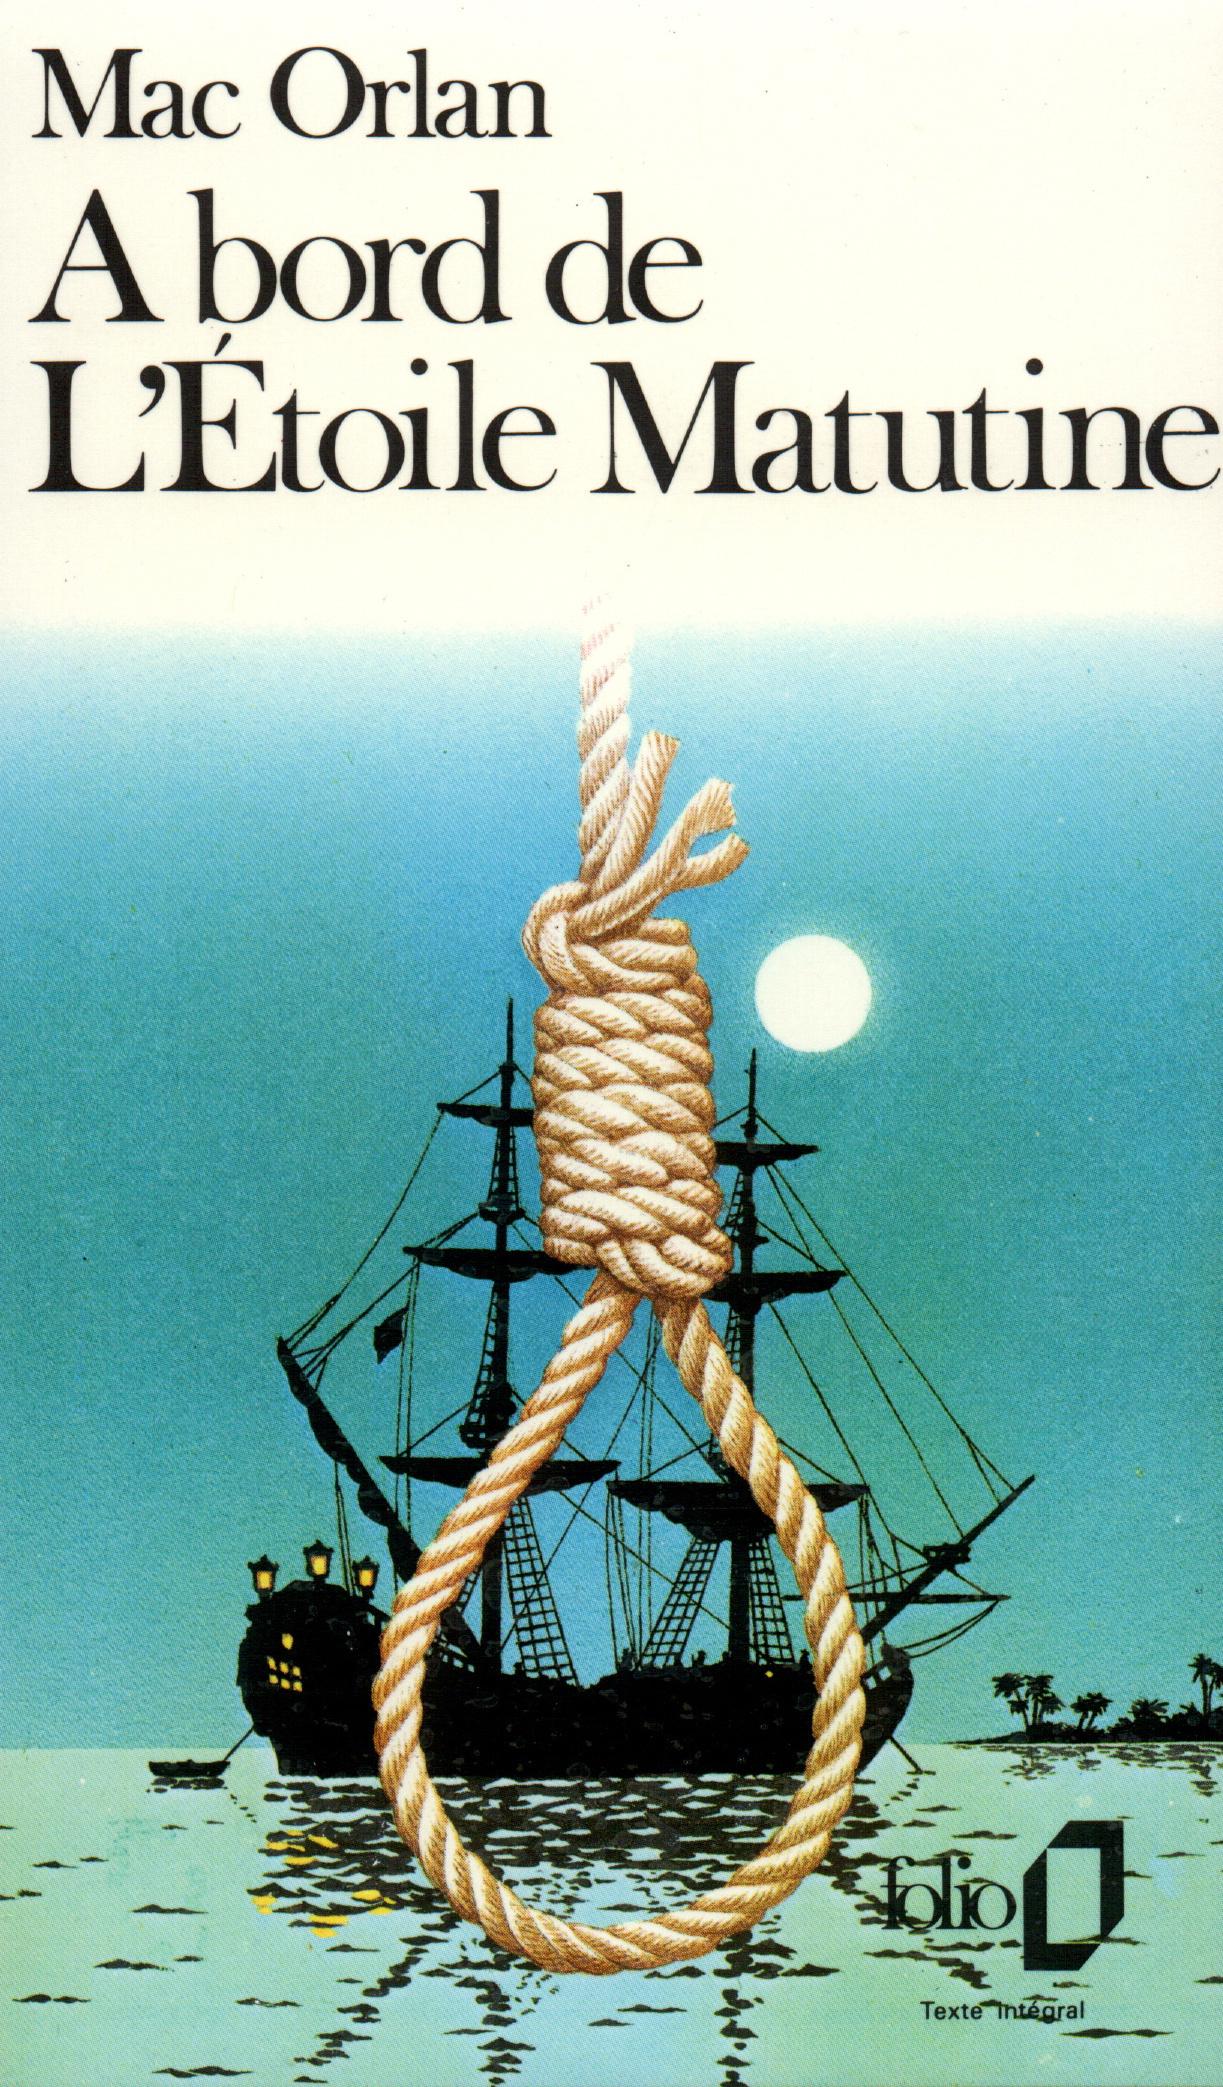 A BORD DE L'ETOILE MATUTINE